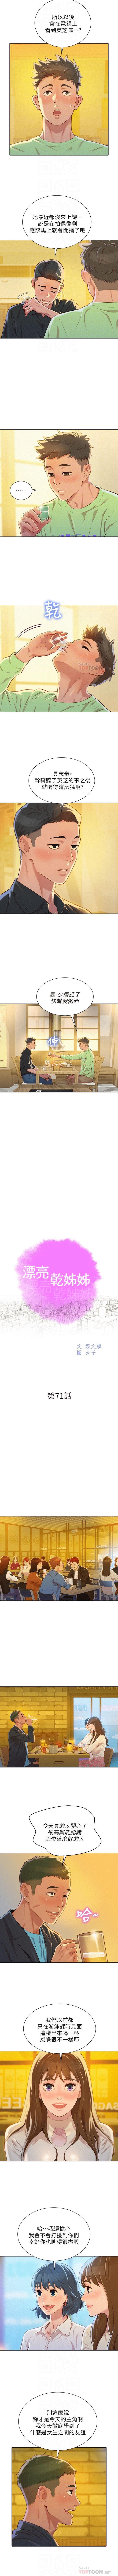 (周7)漂亮干姐姐  1-79 中文翻译 (更新中) 388